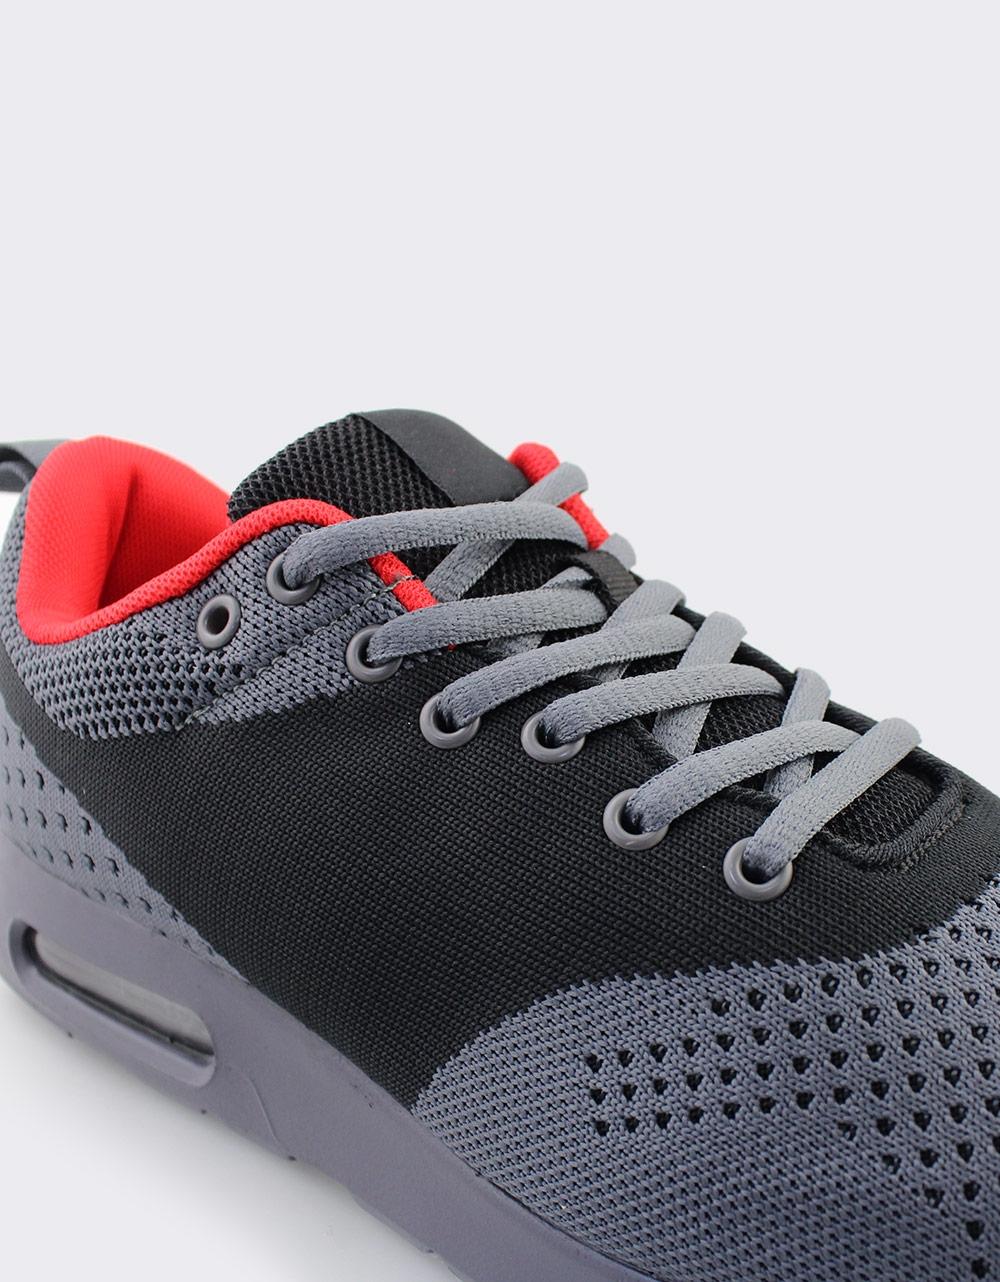 Εικόνα από Ανδρικά Sneakers με πλεκτό σχέδιο και αερόσολα Γκρι/Μαύρο